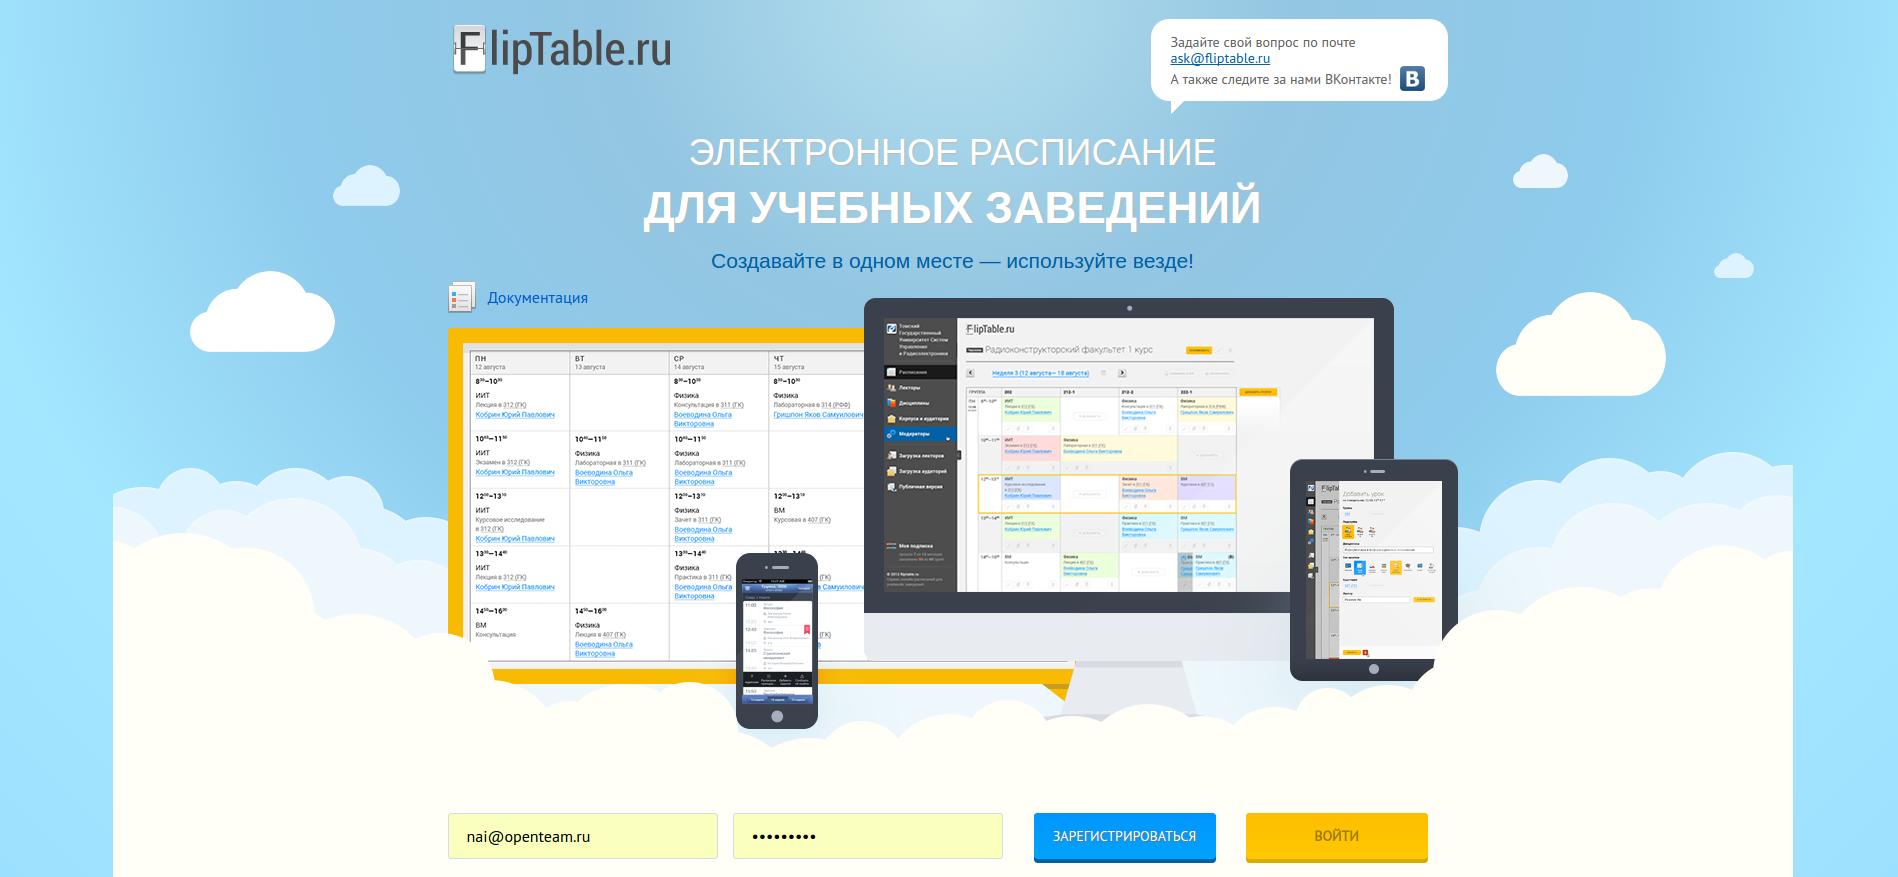 Видео урок FlipTable 1: Регистрация с подтверждением. Знакомство с рабочим пространством